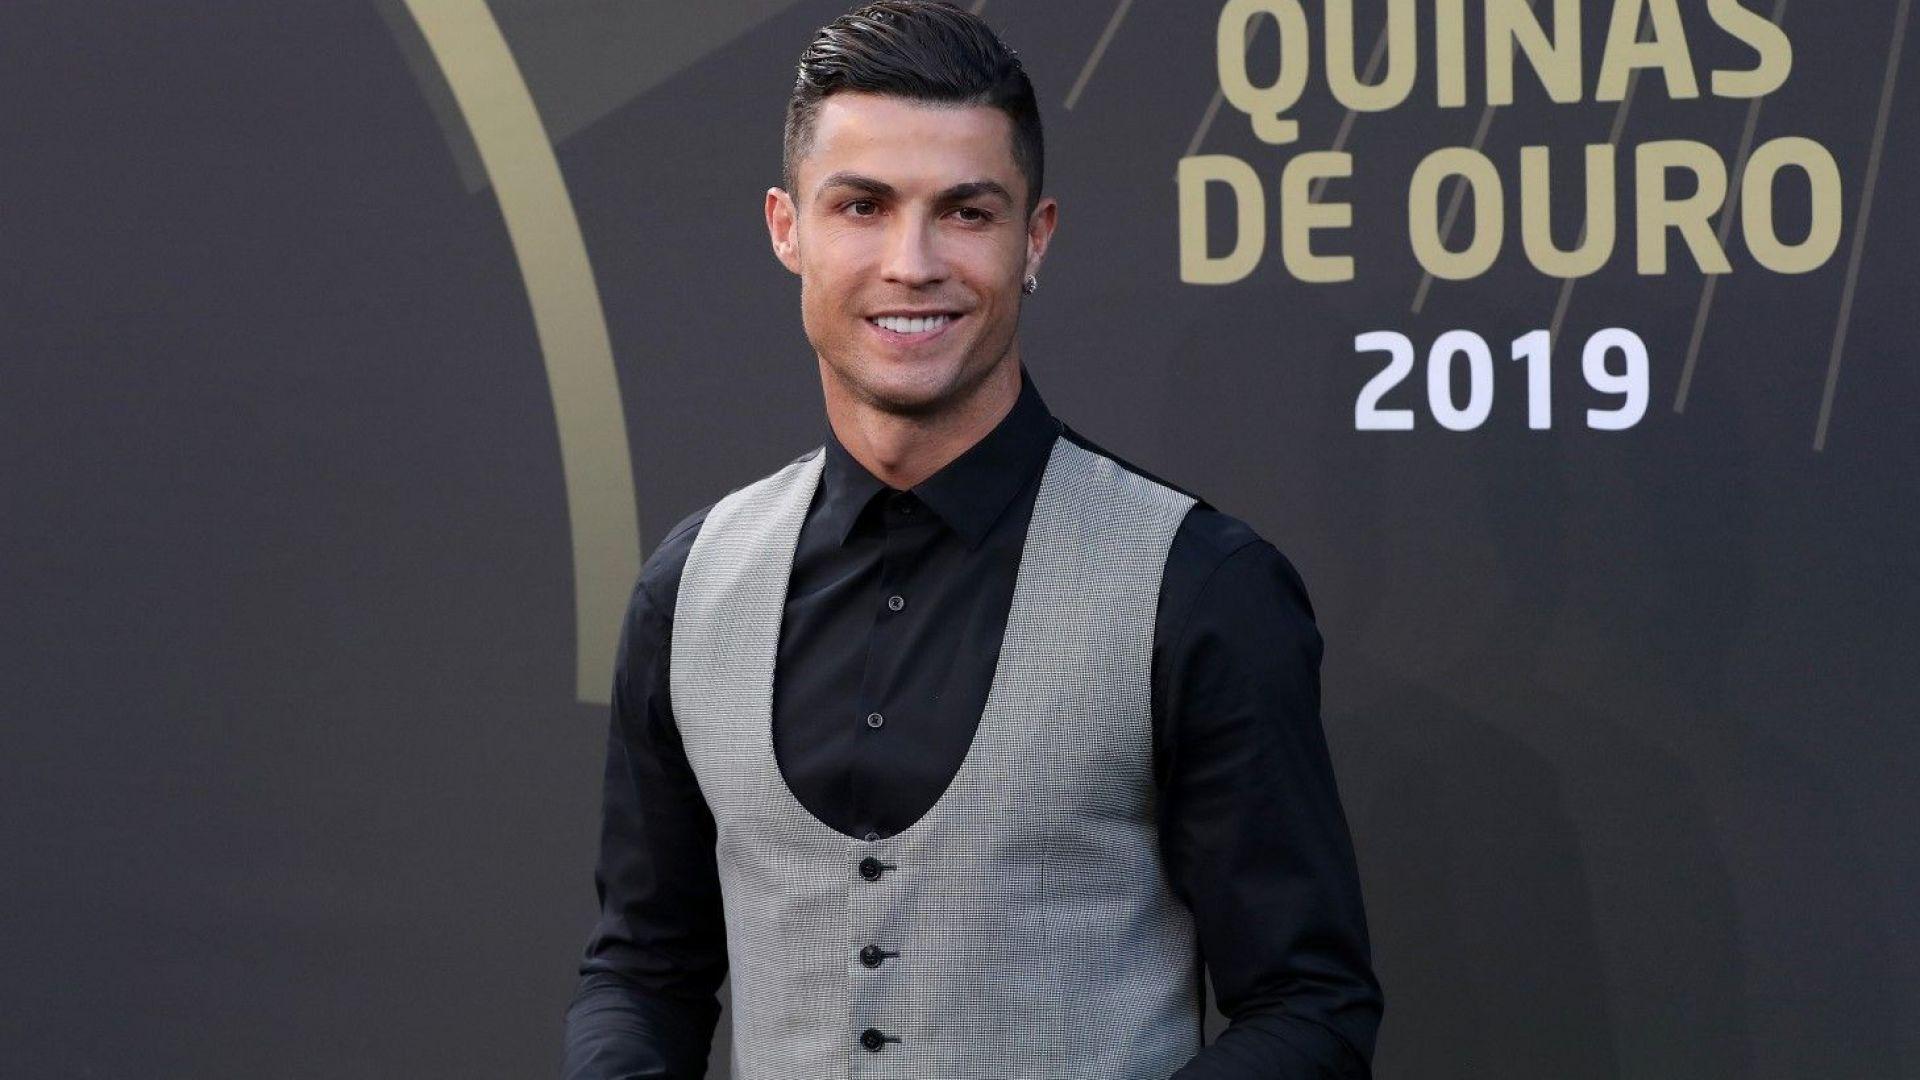 Кристиано Роналдо става първият милиардер във футбола